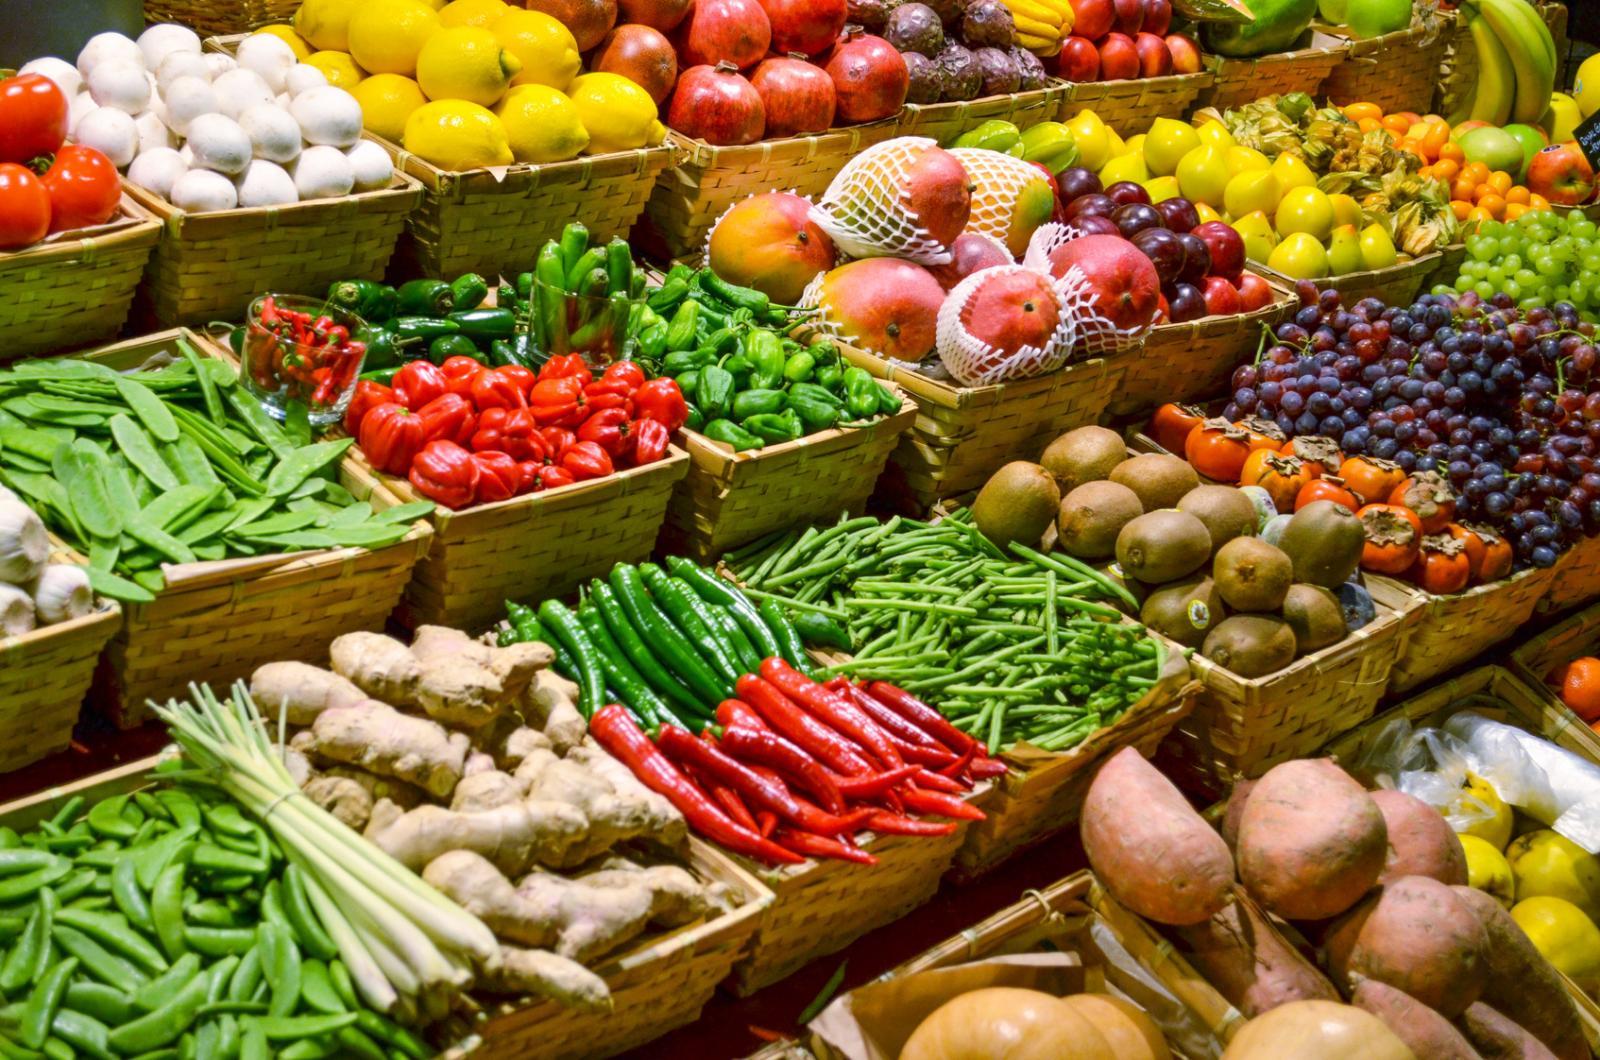 produce-5798aaf8a3e23